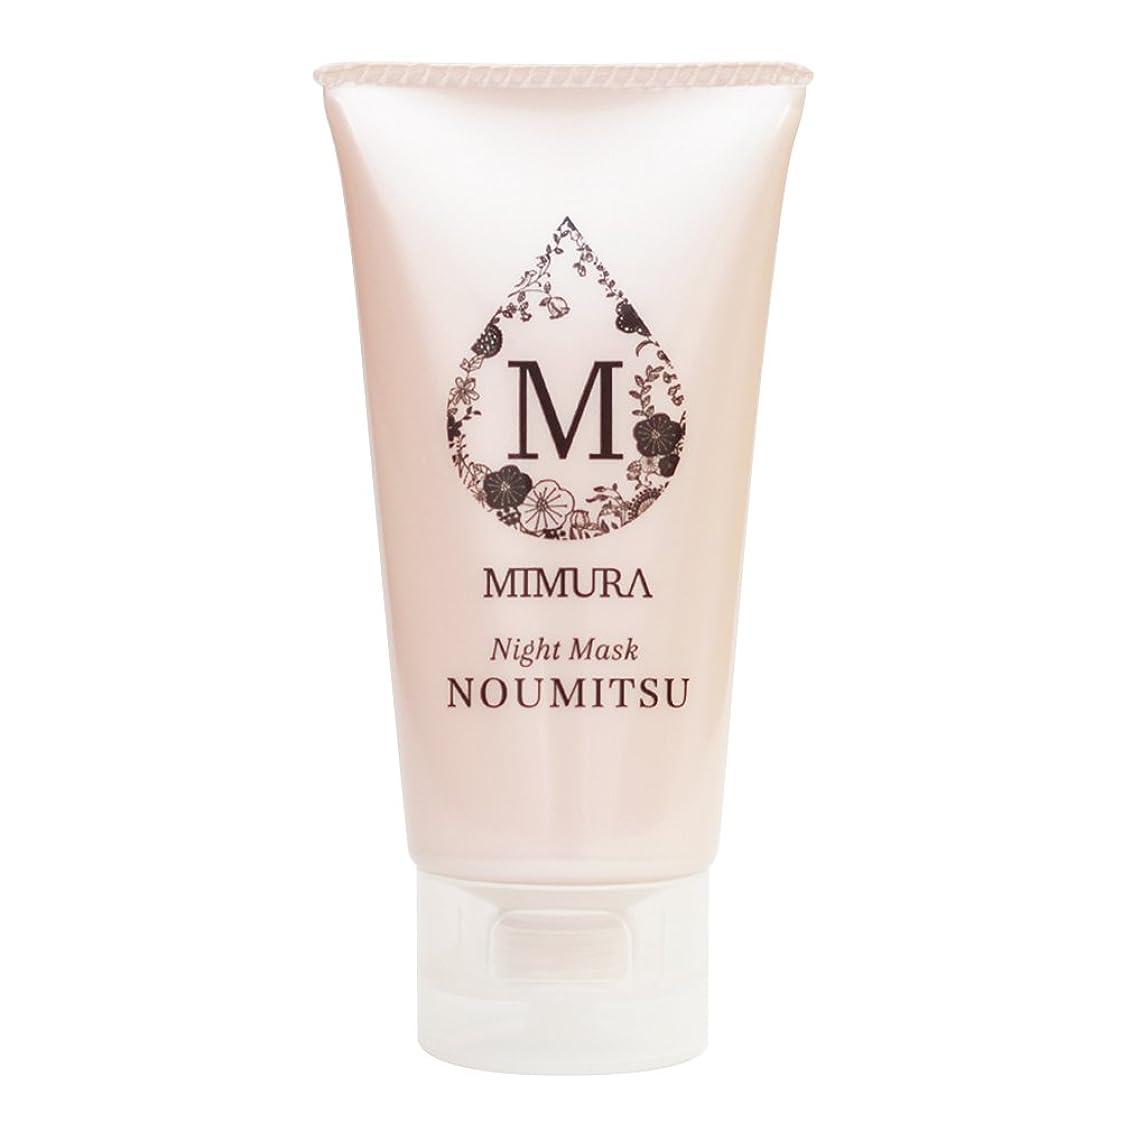 理解する衝突コースにナイトケアクリーム 保湿 顔 用 ミムラ ナイトマスク NOUMITSU 48g MIMURA 乾燥肌 日本製